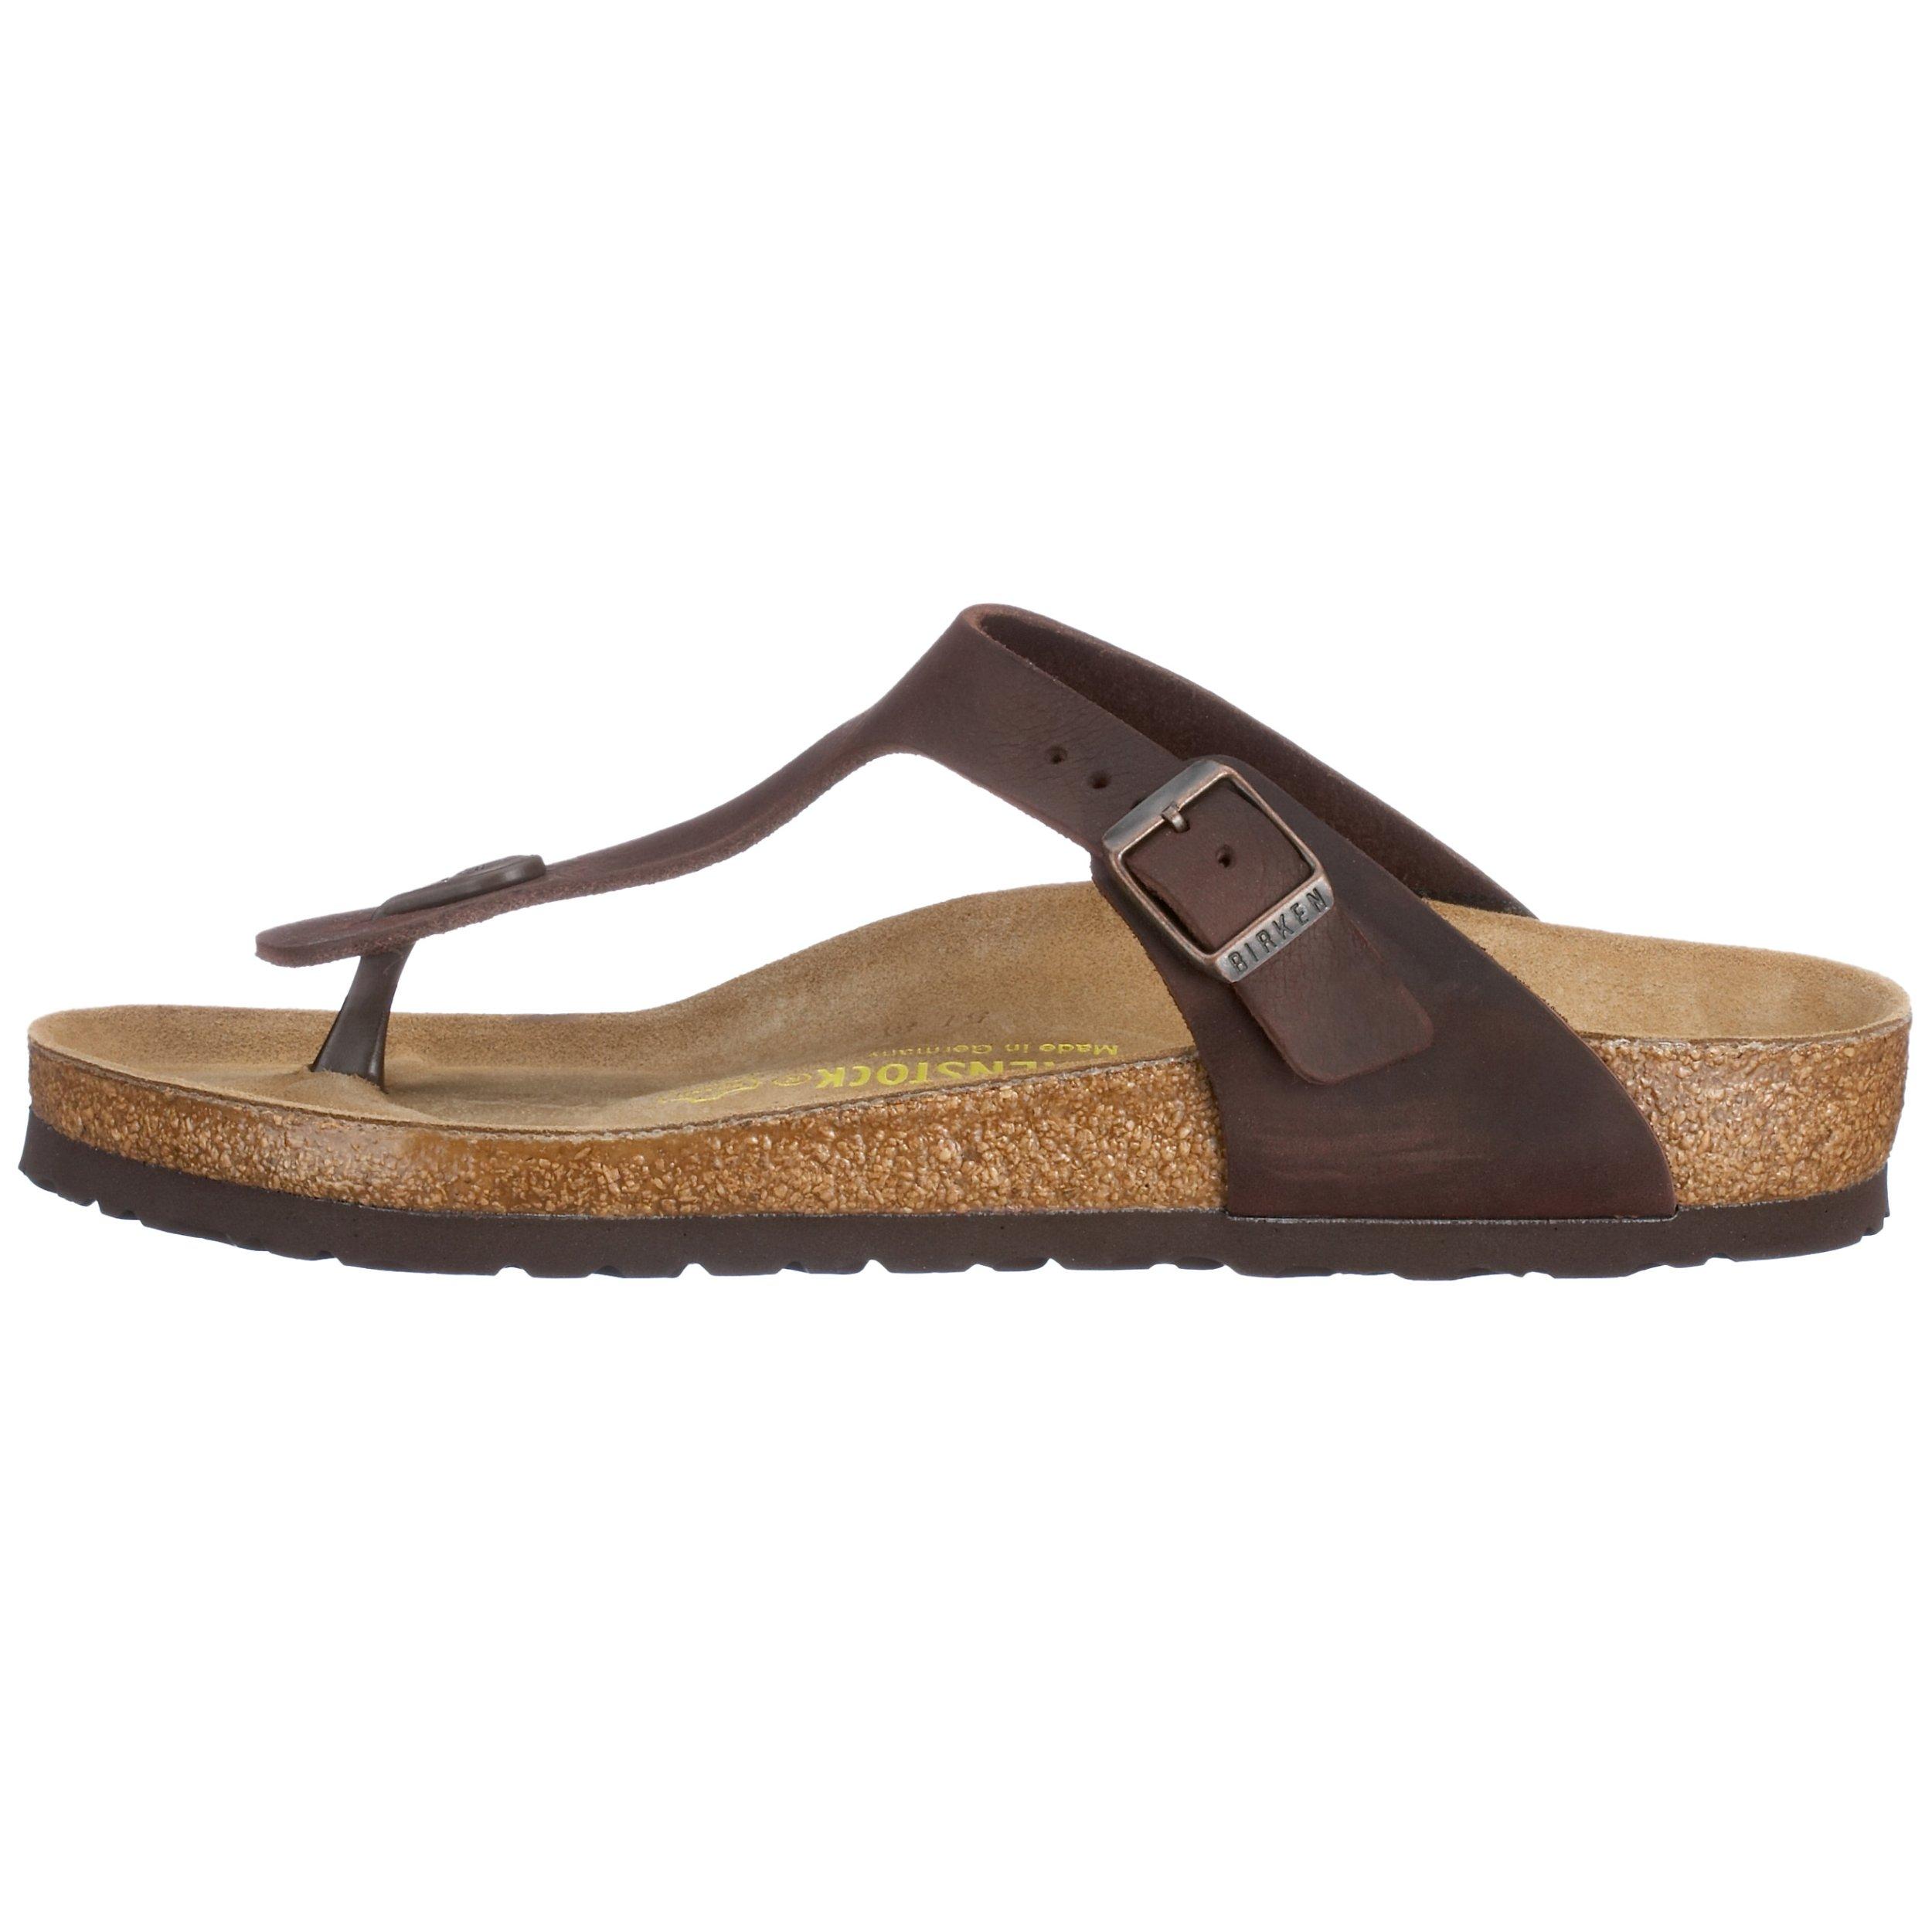 Birkenstock-Women-039-s-Gizeh-Thong-Sandals thumbnail 16